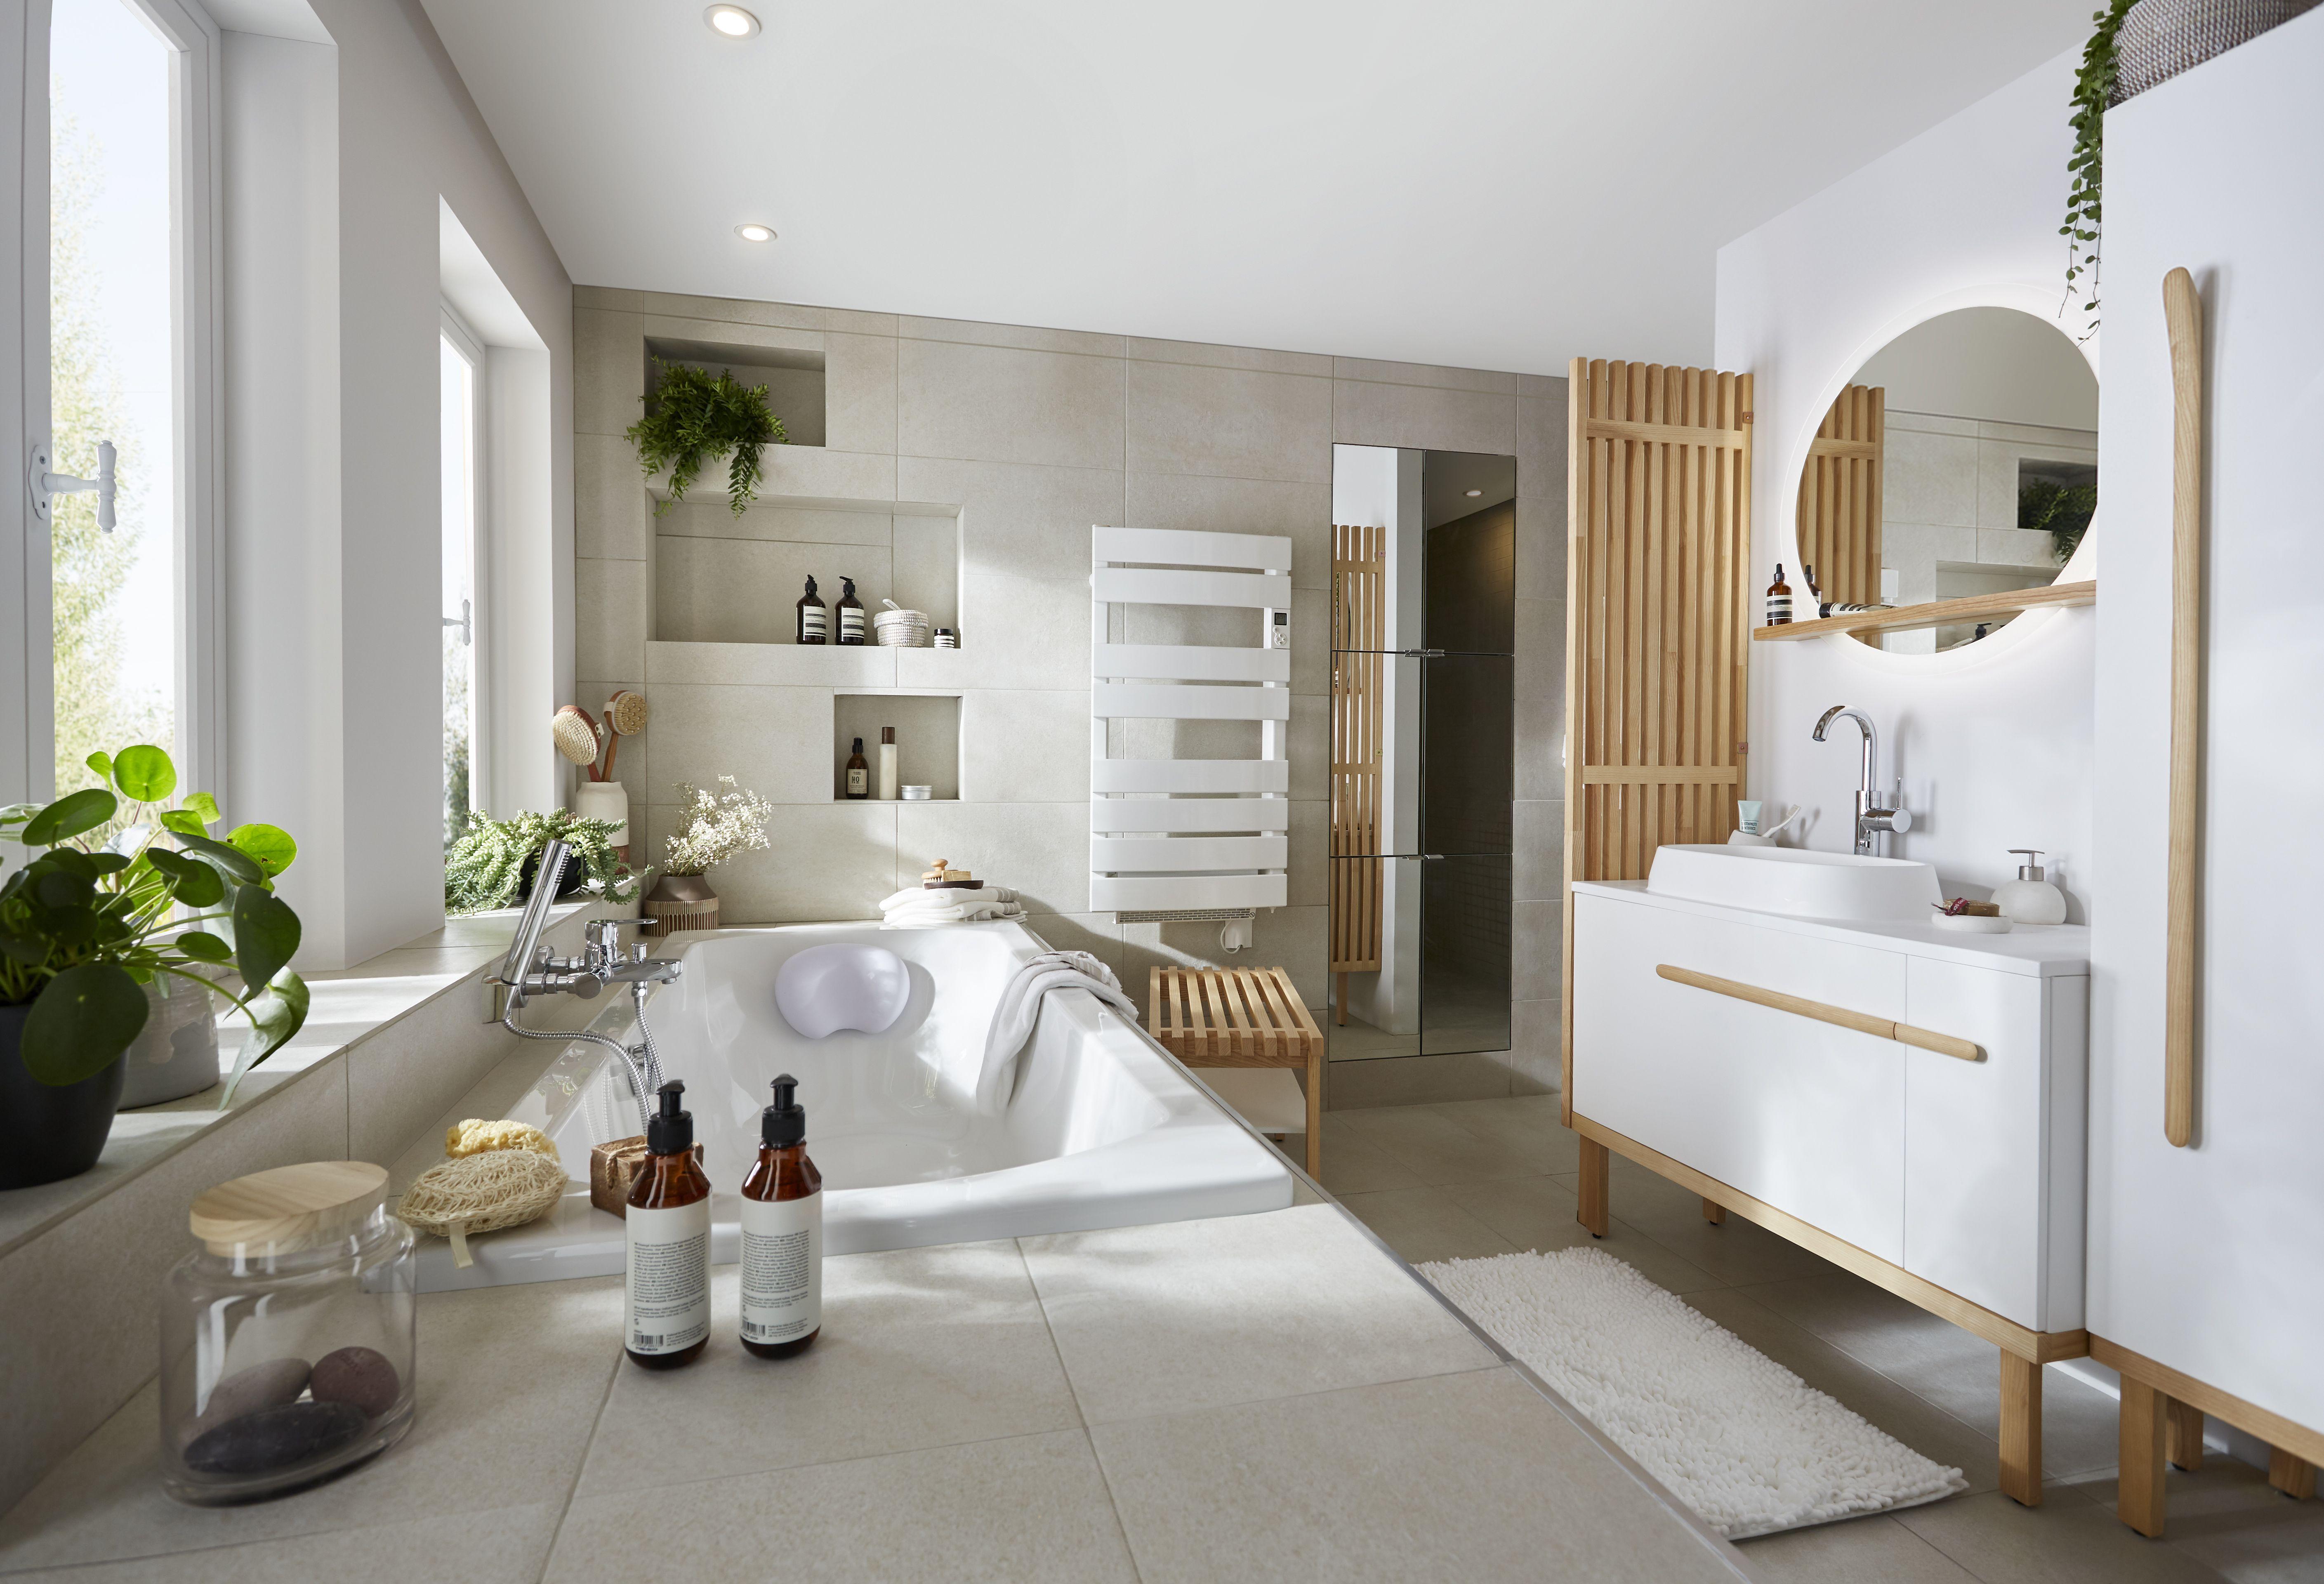 Goodhome Toujours Plus Simple Goodhome Bricodepot Maison Appartement Logement Interieur Salledebains Inspiration Salle De Bain Logement Salle De Bain